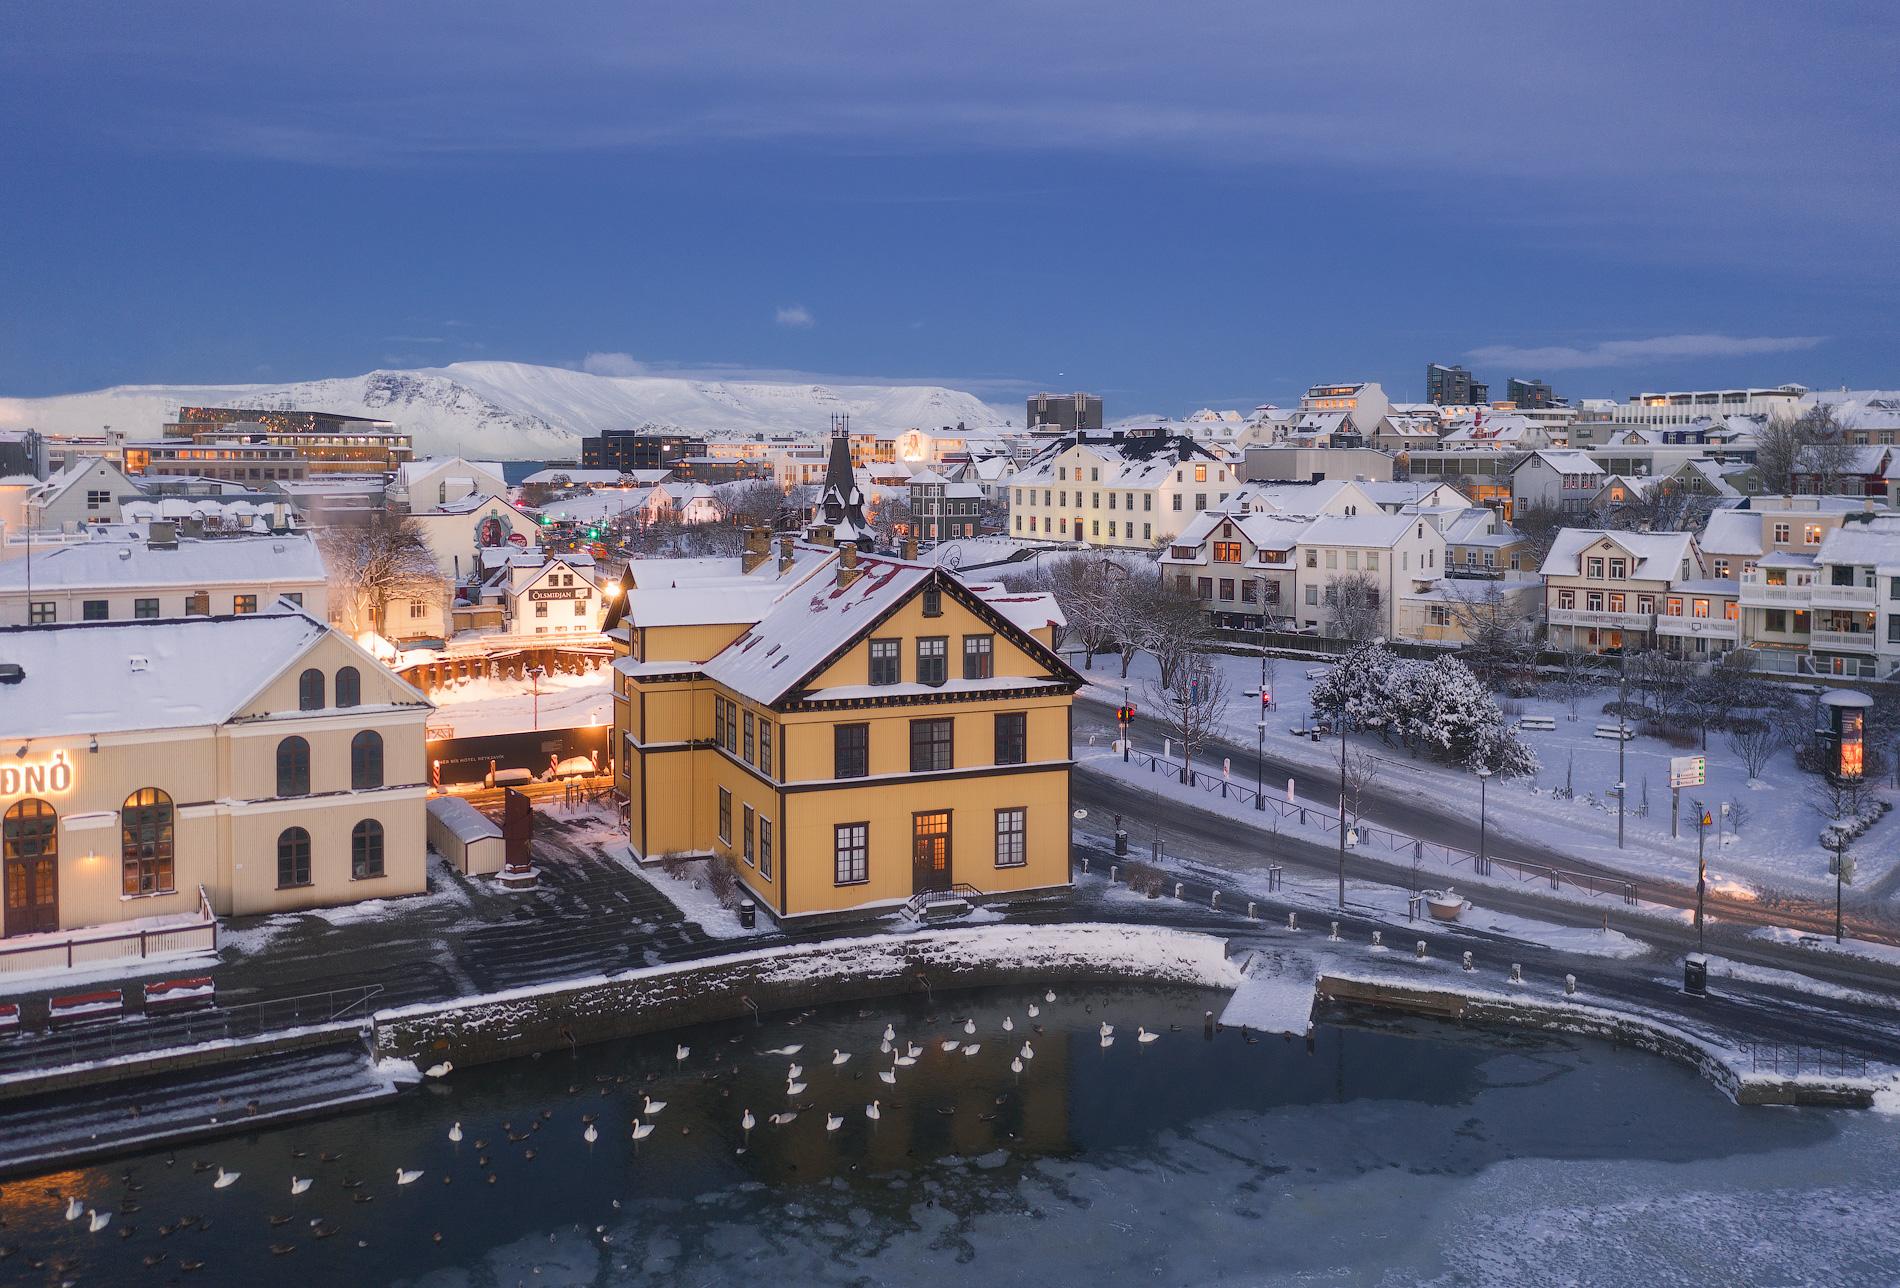 La salle de concert Harpa est l'un des monuments les plus reconnus de la capitale islandaise.